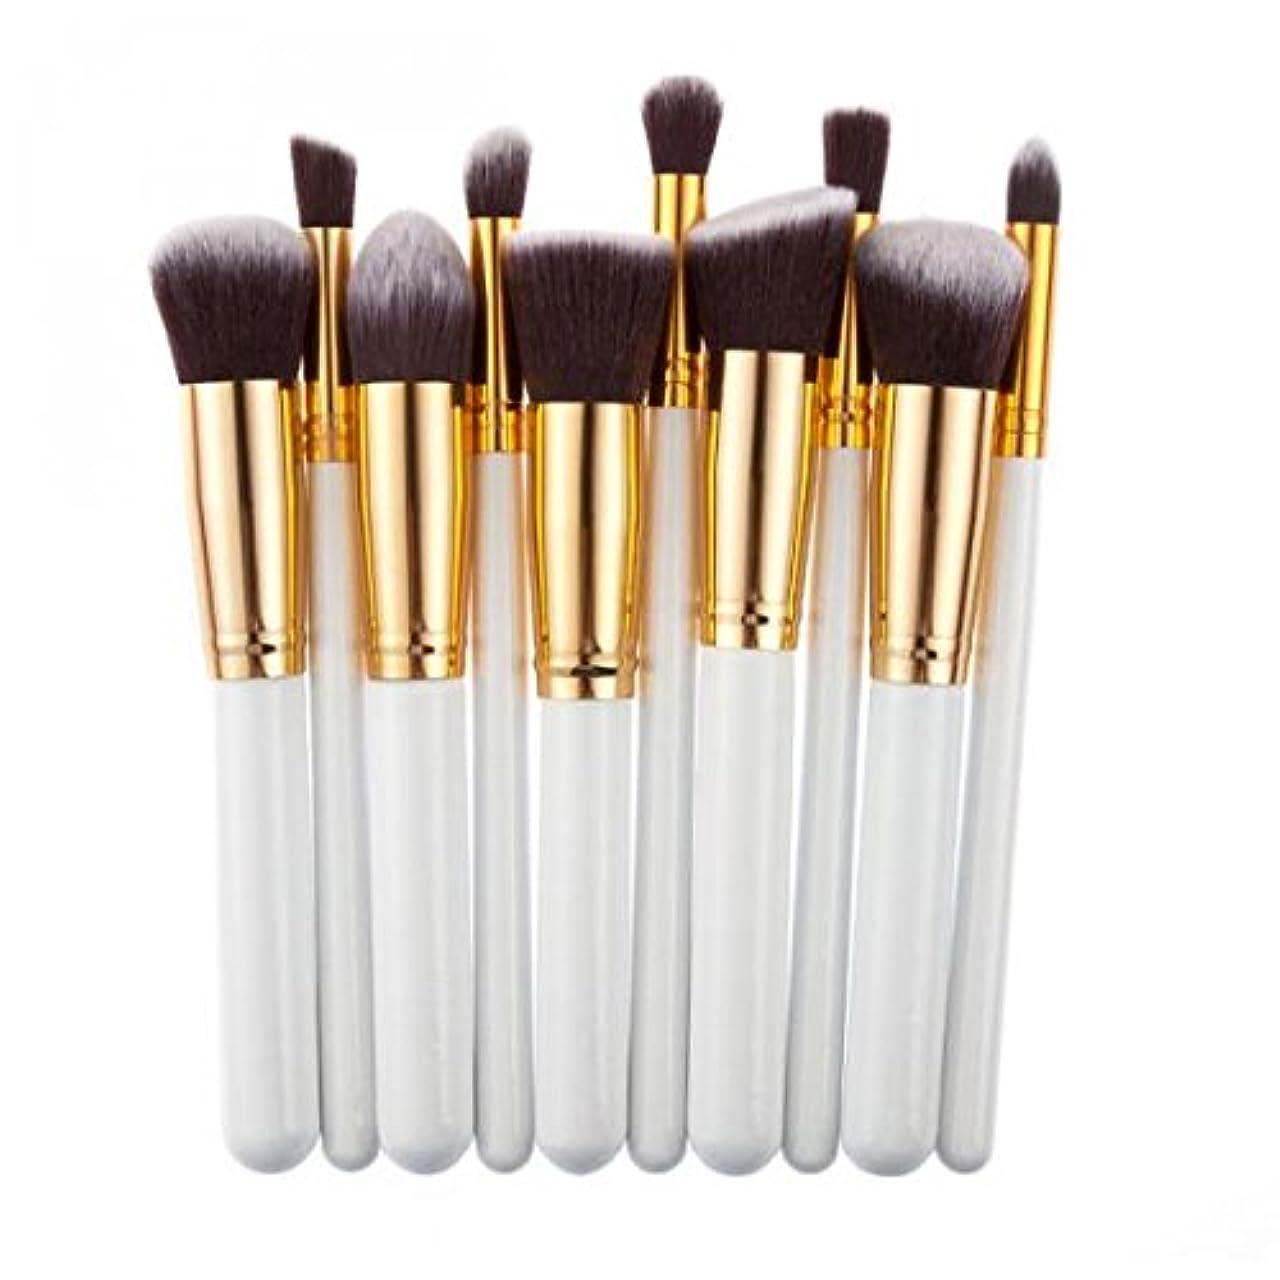 すり減る宣言いつでもCUTICATE 化粧ブラシ メイクブラシ 10本セット ファンデーションブラシ コンシーラーパレット プロ用 6色選べる - 白ゴールド